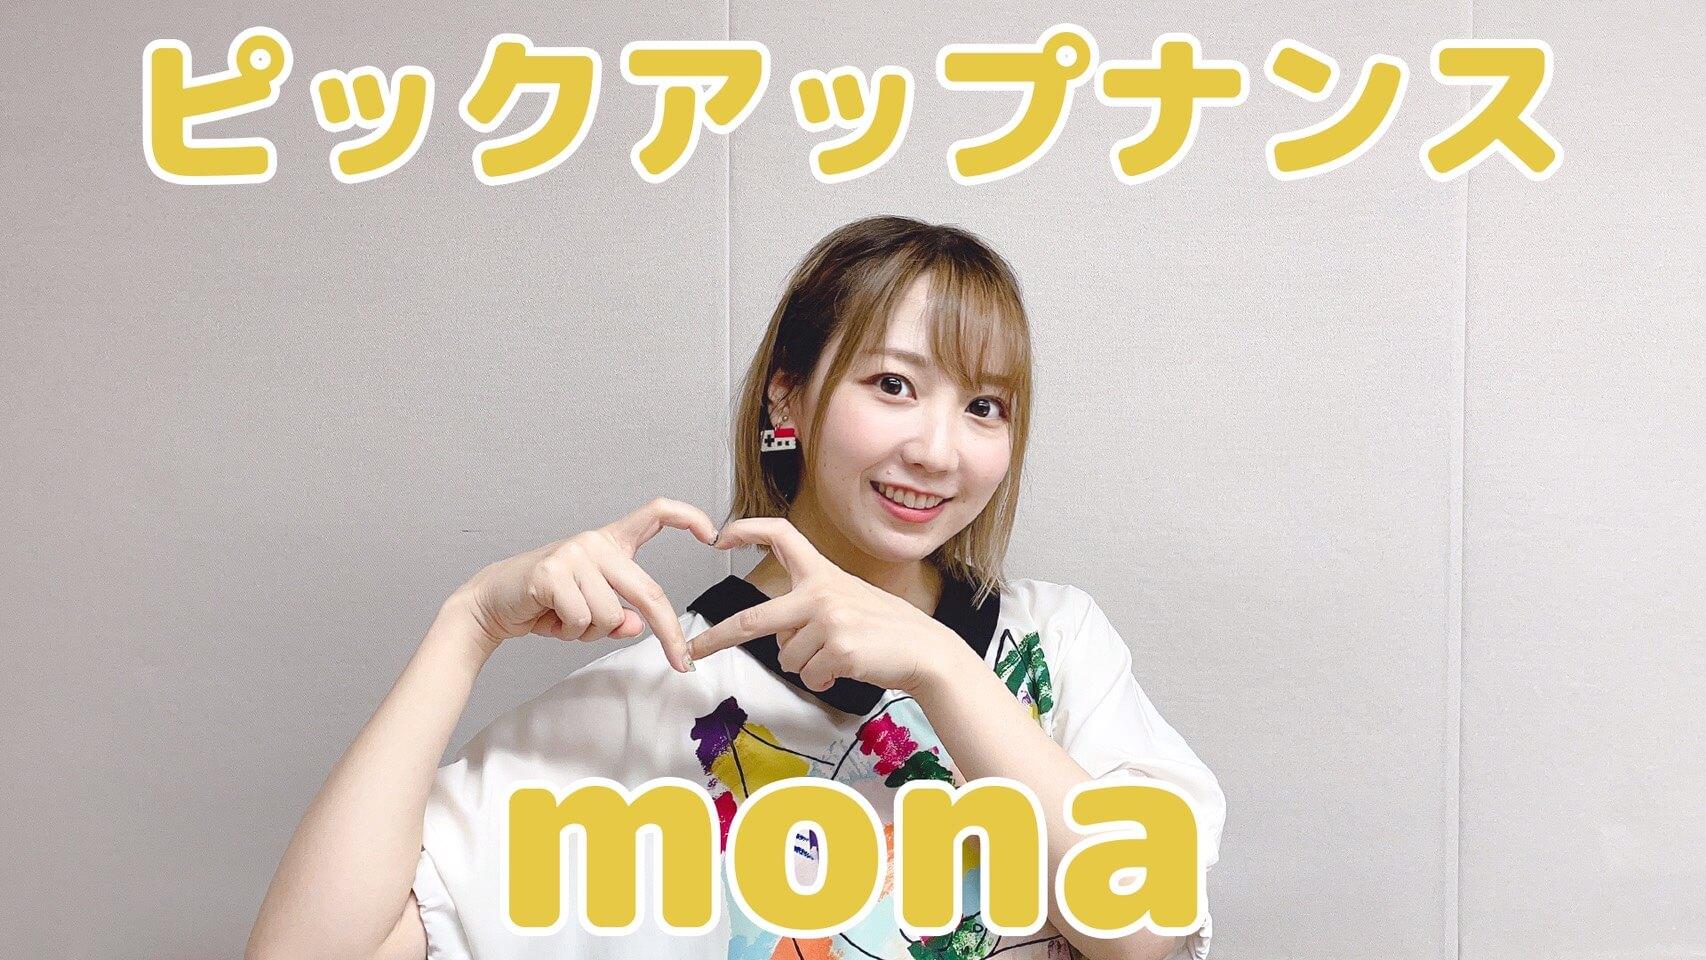 夏川椎菜、ピックアップナンス「mona」